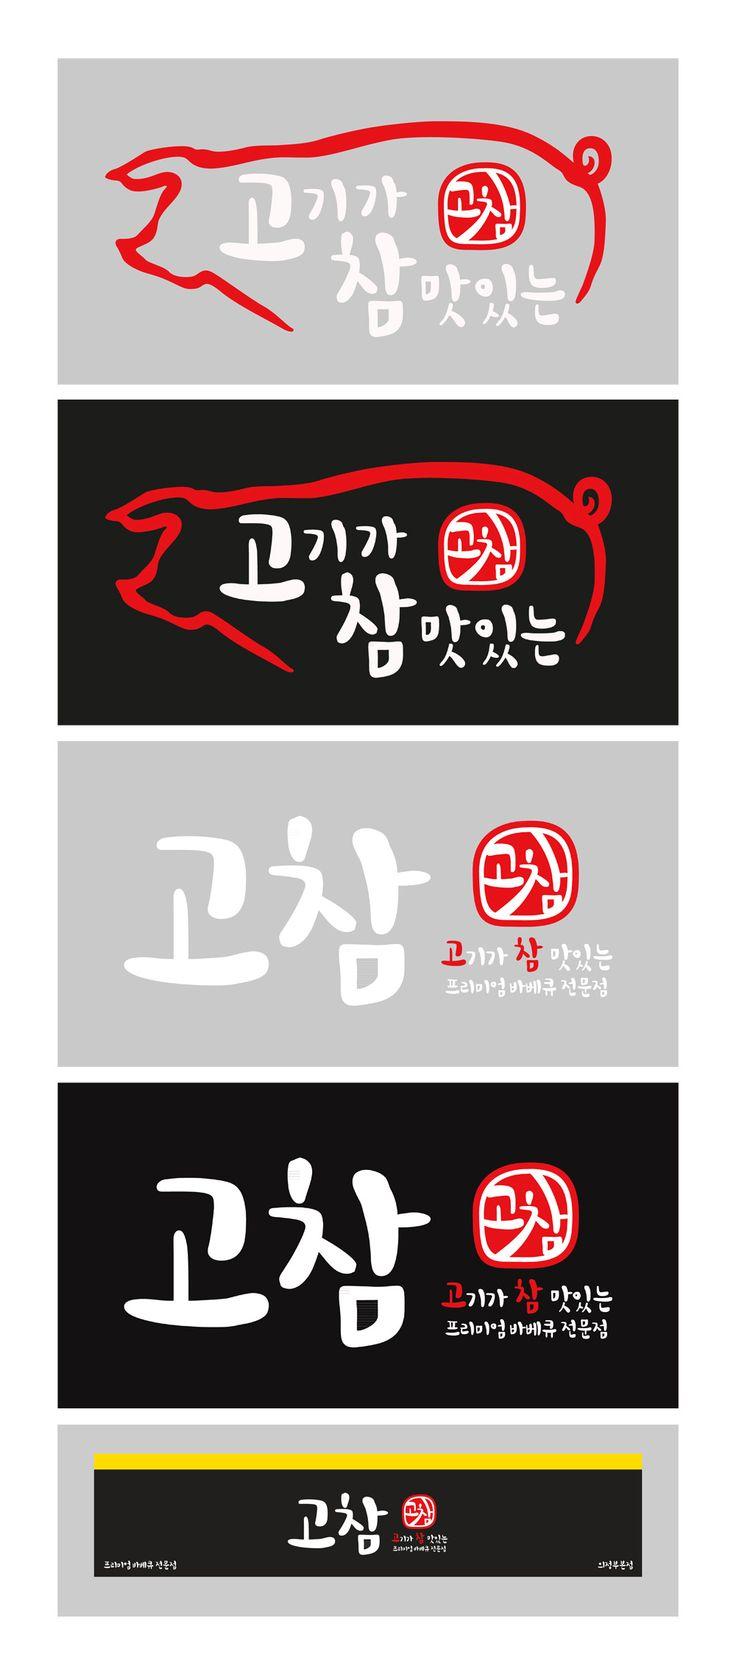 프리미엄 바베큐 전문점 고참 로고 및 간판 디자인